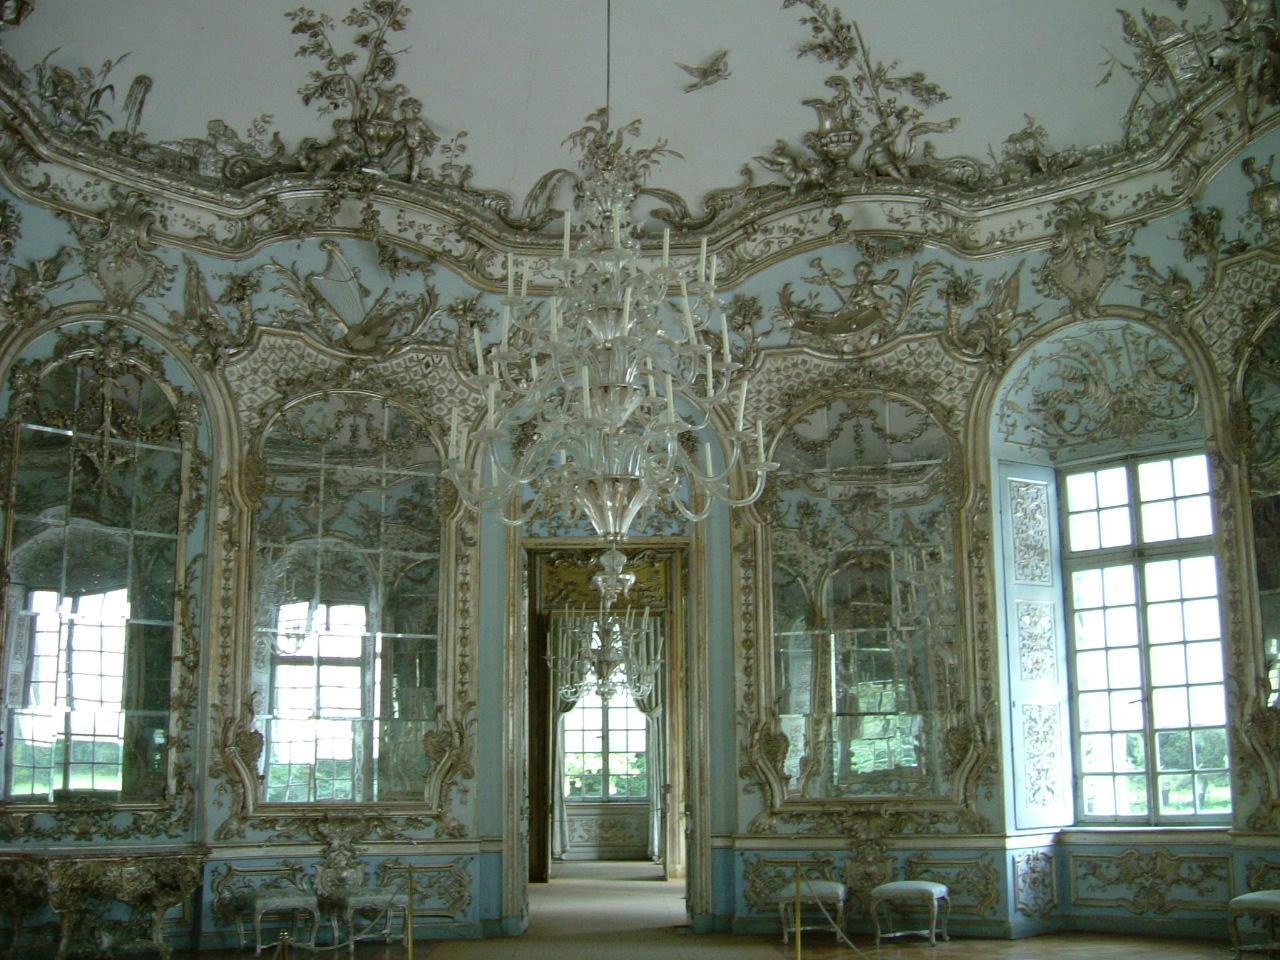 Historia del mueble y de la decoraci n interiorista 13 for Salon de espejos